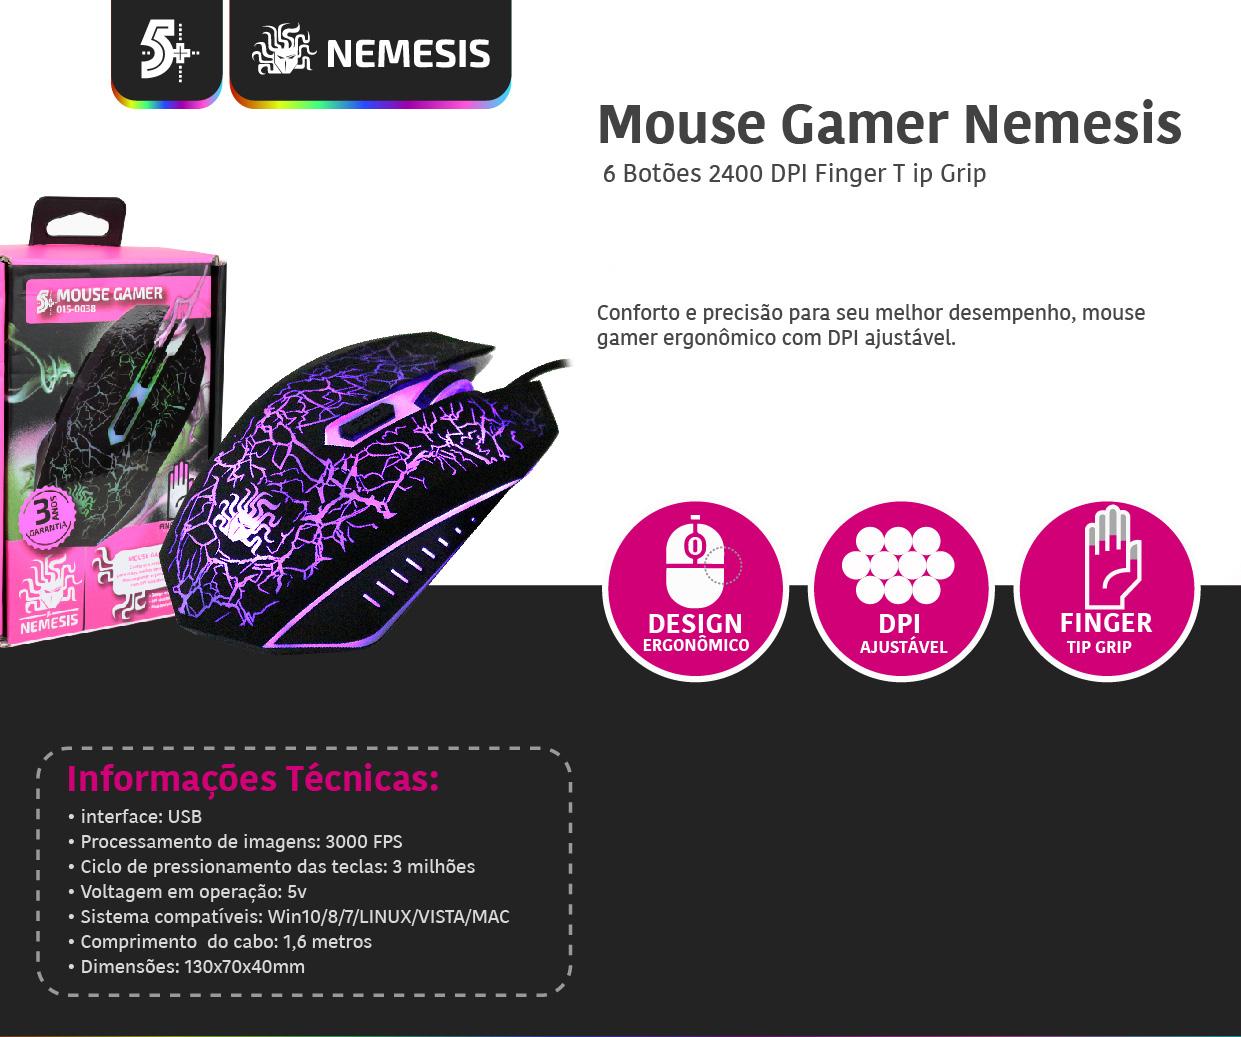 MOUSE USB GAMER 6 BOTOES 2400 DPI FINGERTIP GRIP - CHIPSCE